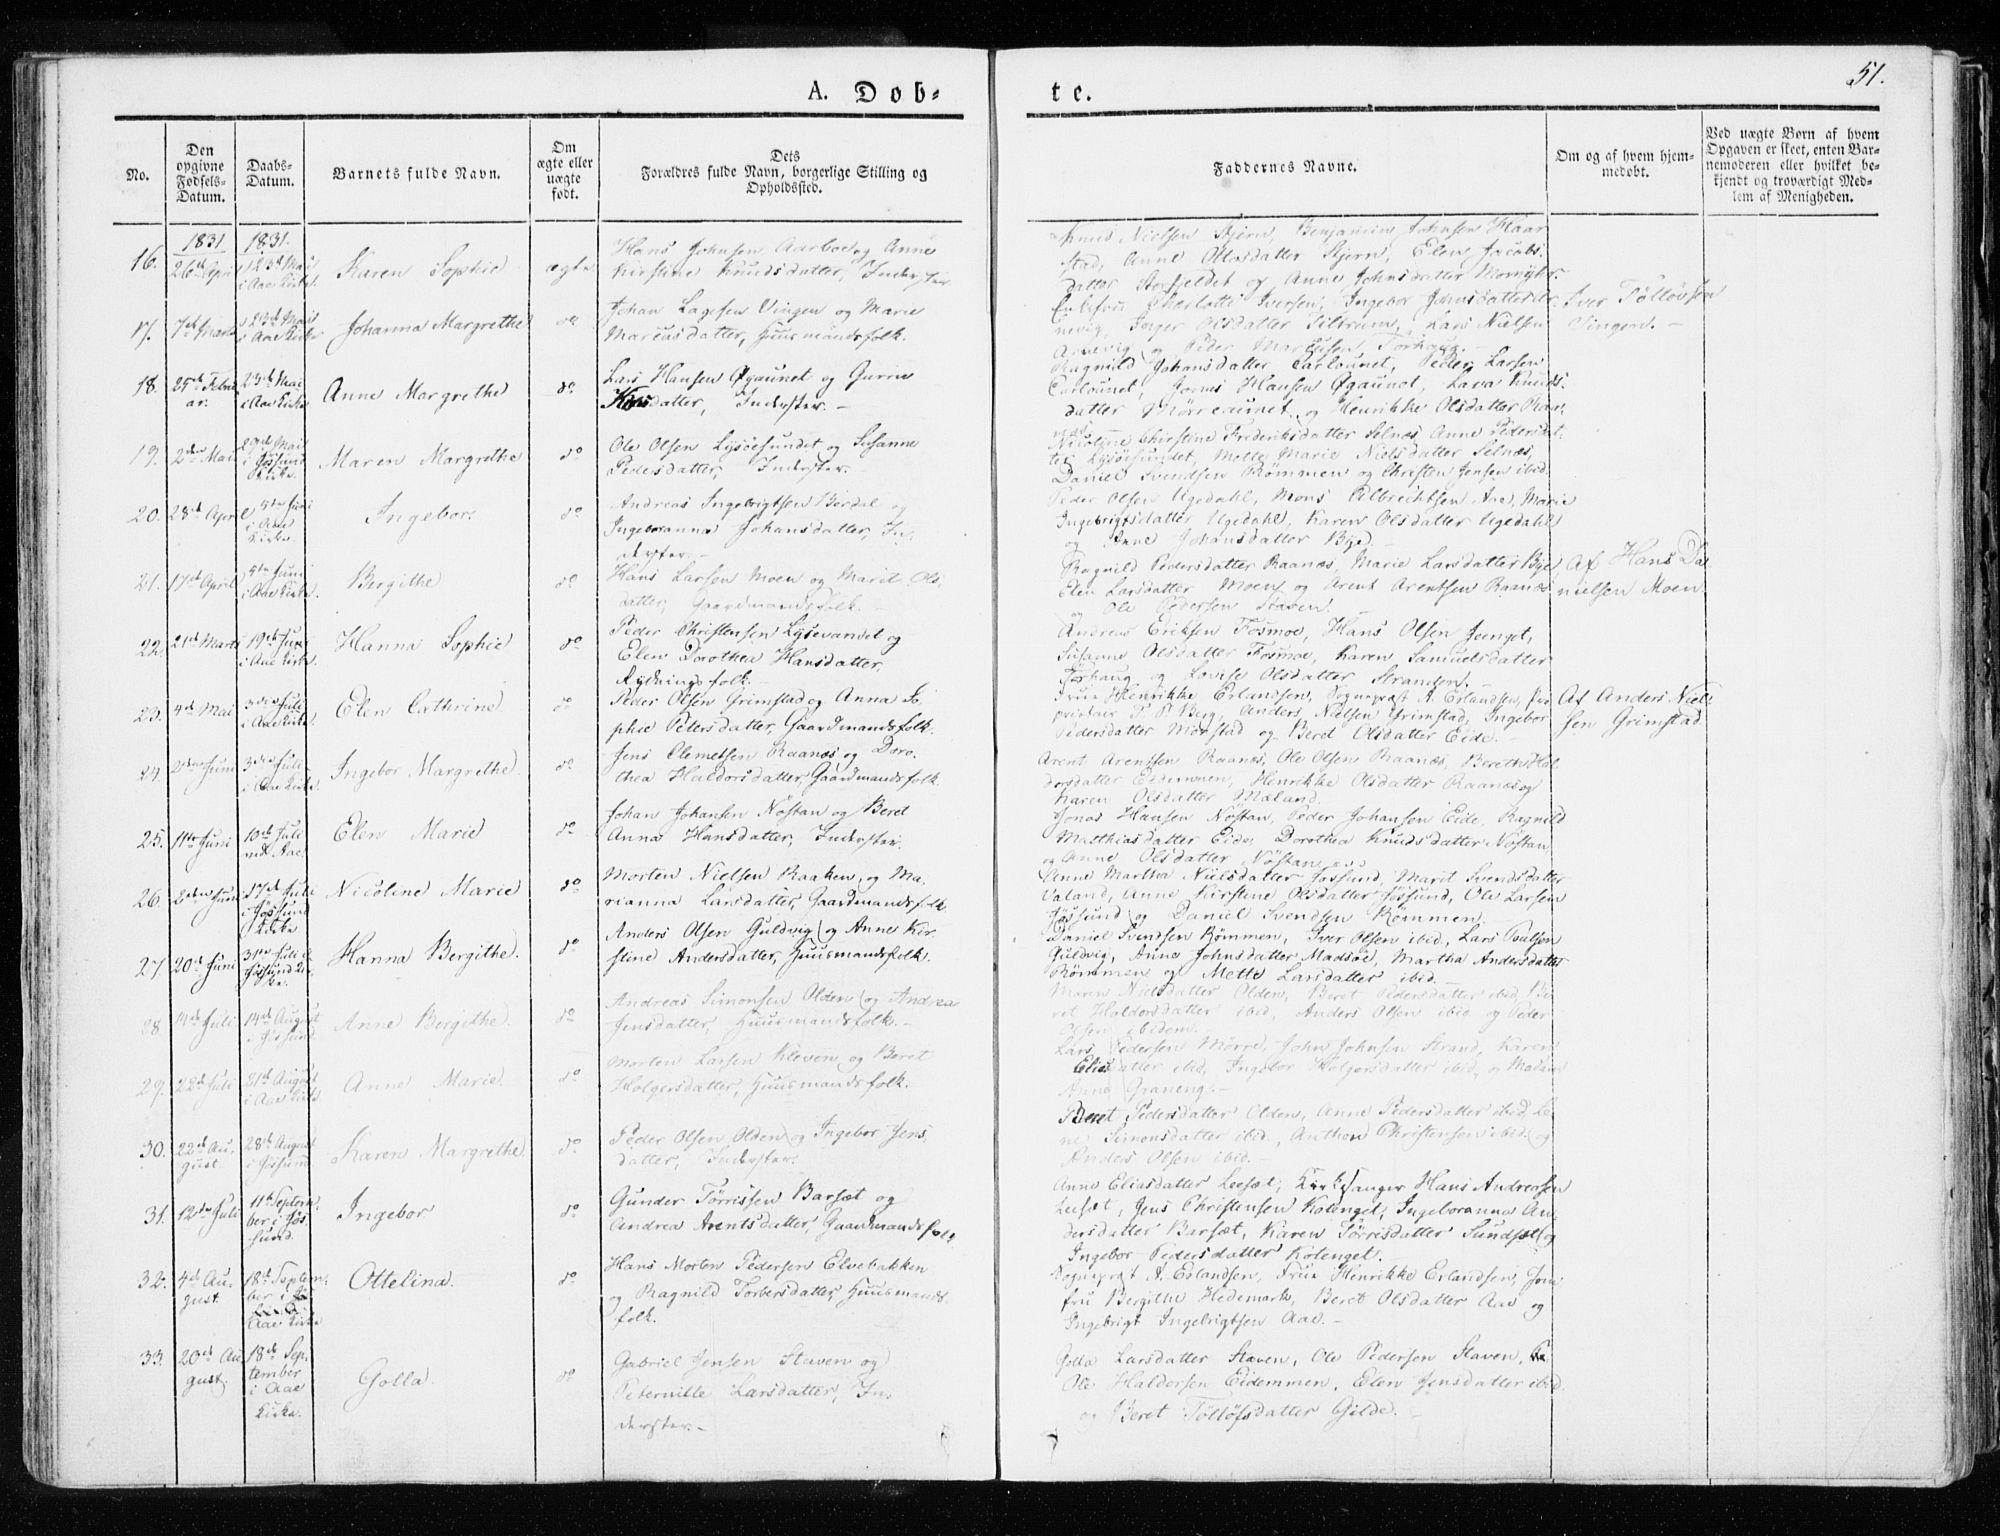 SAT, Ministerialprotokoller, klokkerbøker og fødselsregistre - Sør-Trøndelag, 655/L0676: Ministerialbok nr. 655A05, 1830-1847, s. 51